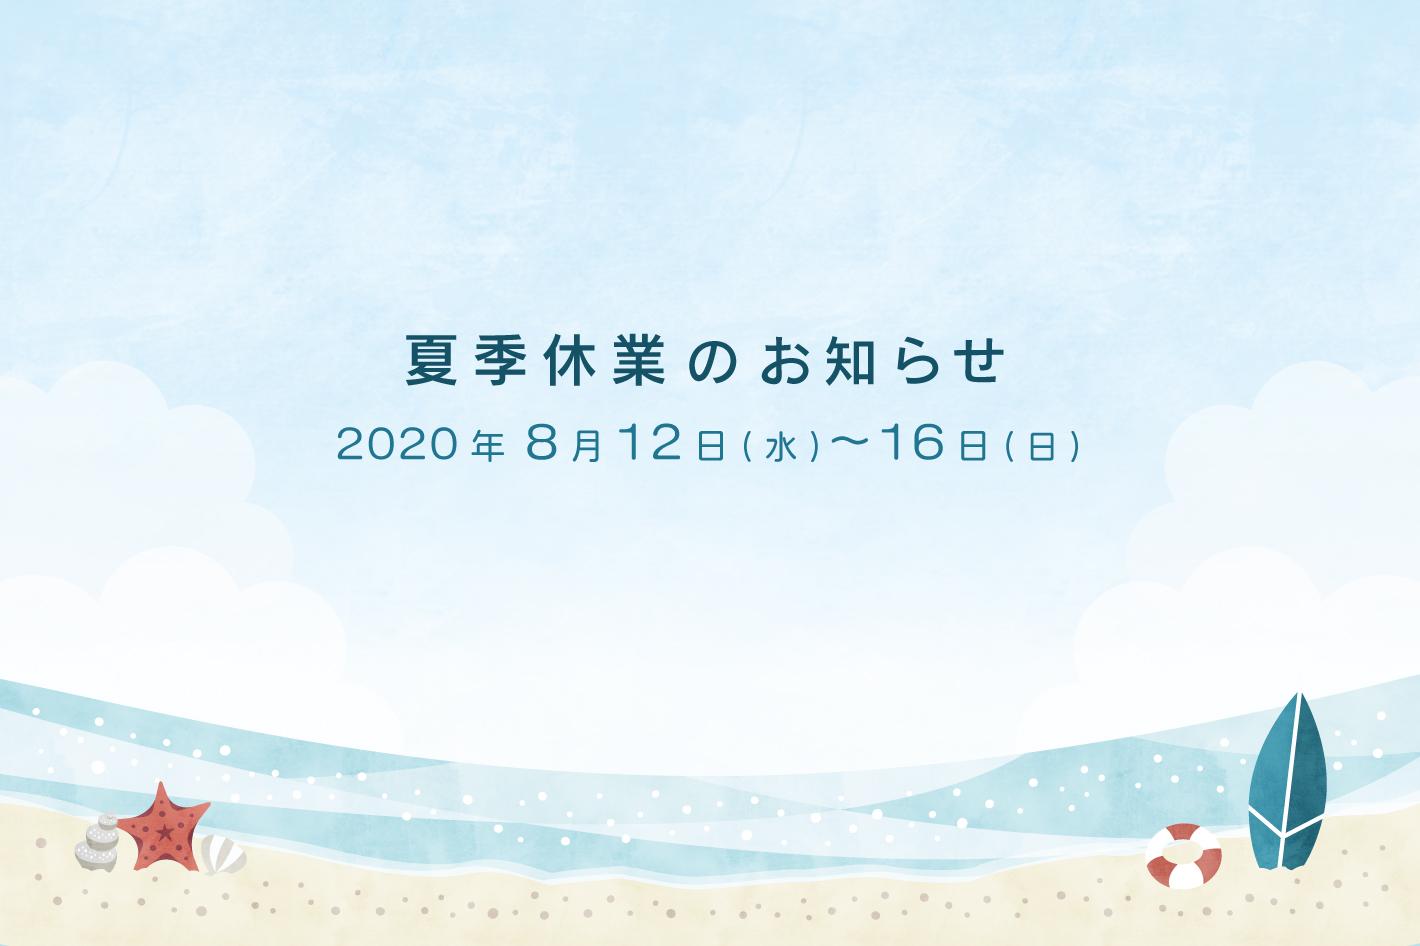 夏季休業のお知らせ 2020年8月12日(水) 〜 8月16日(日)